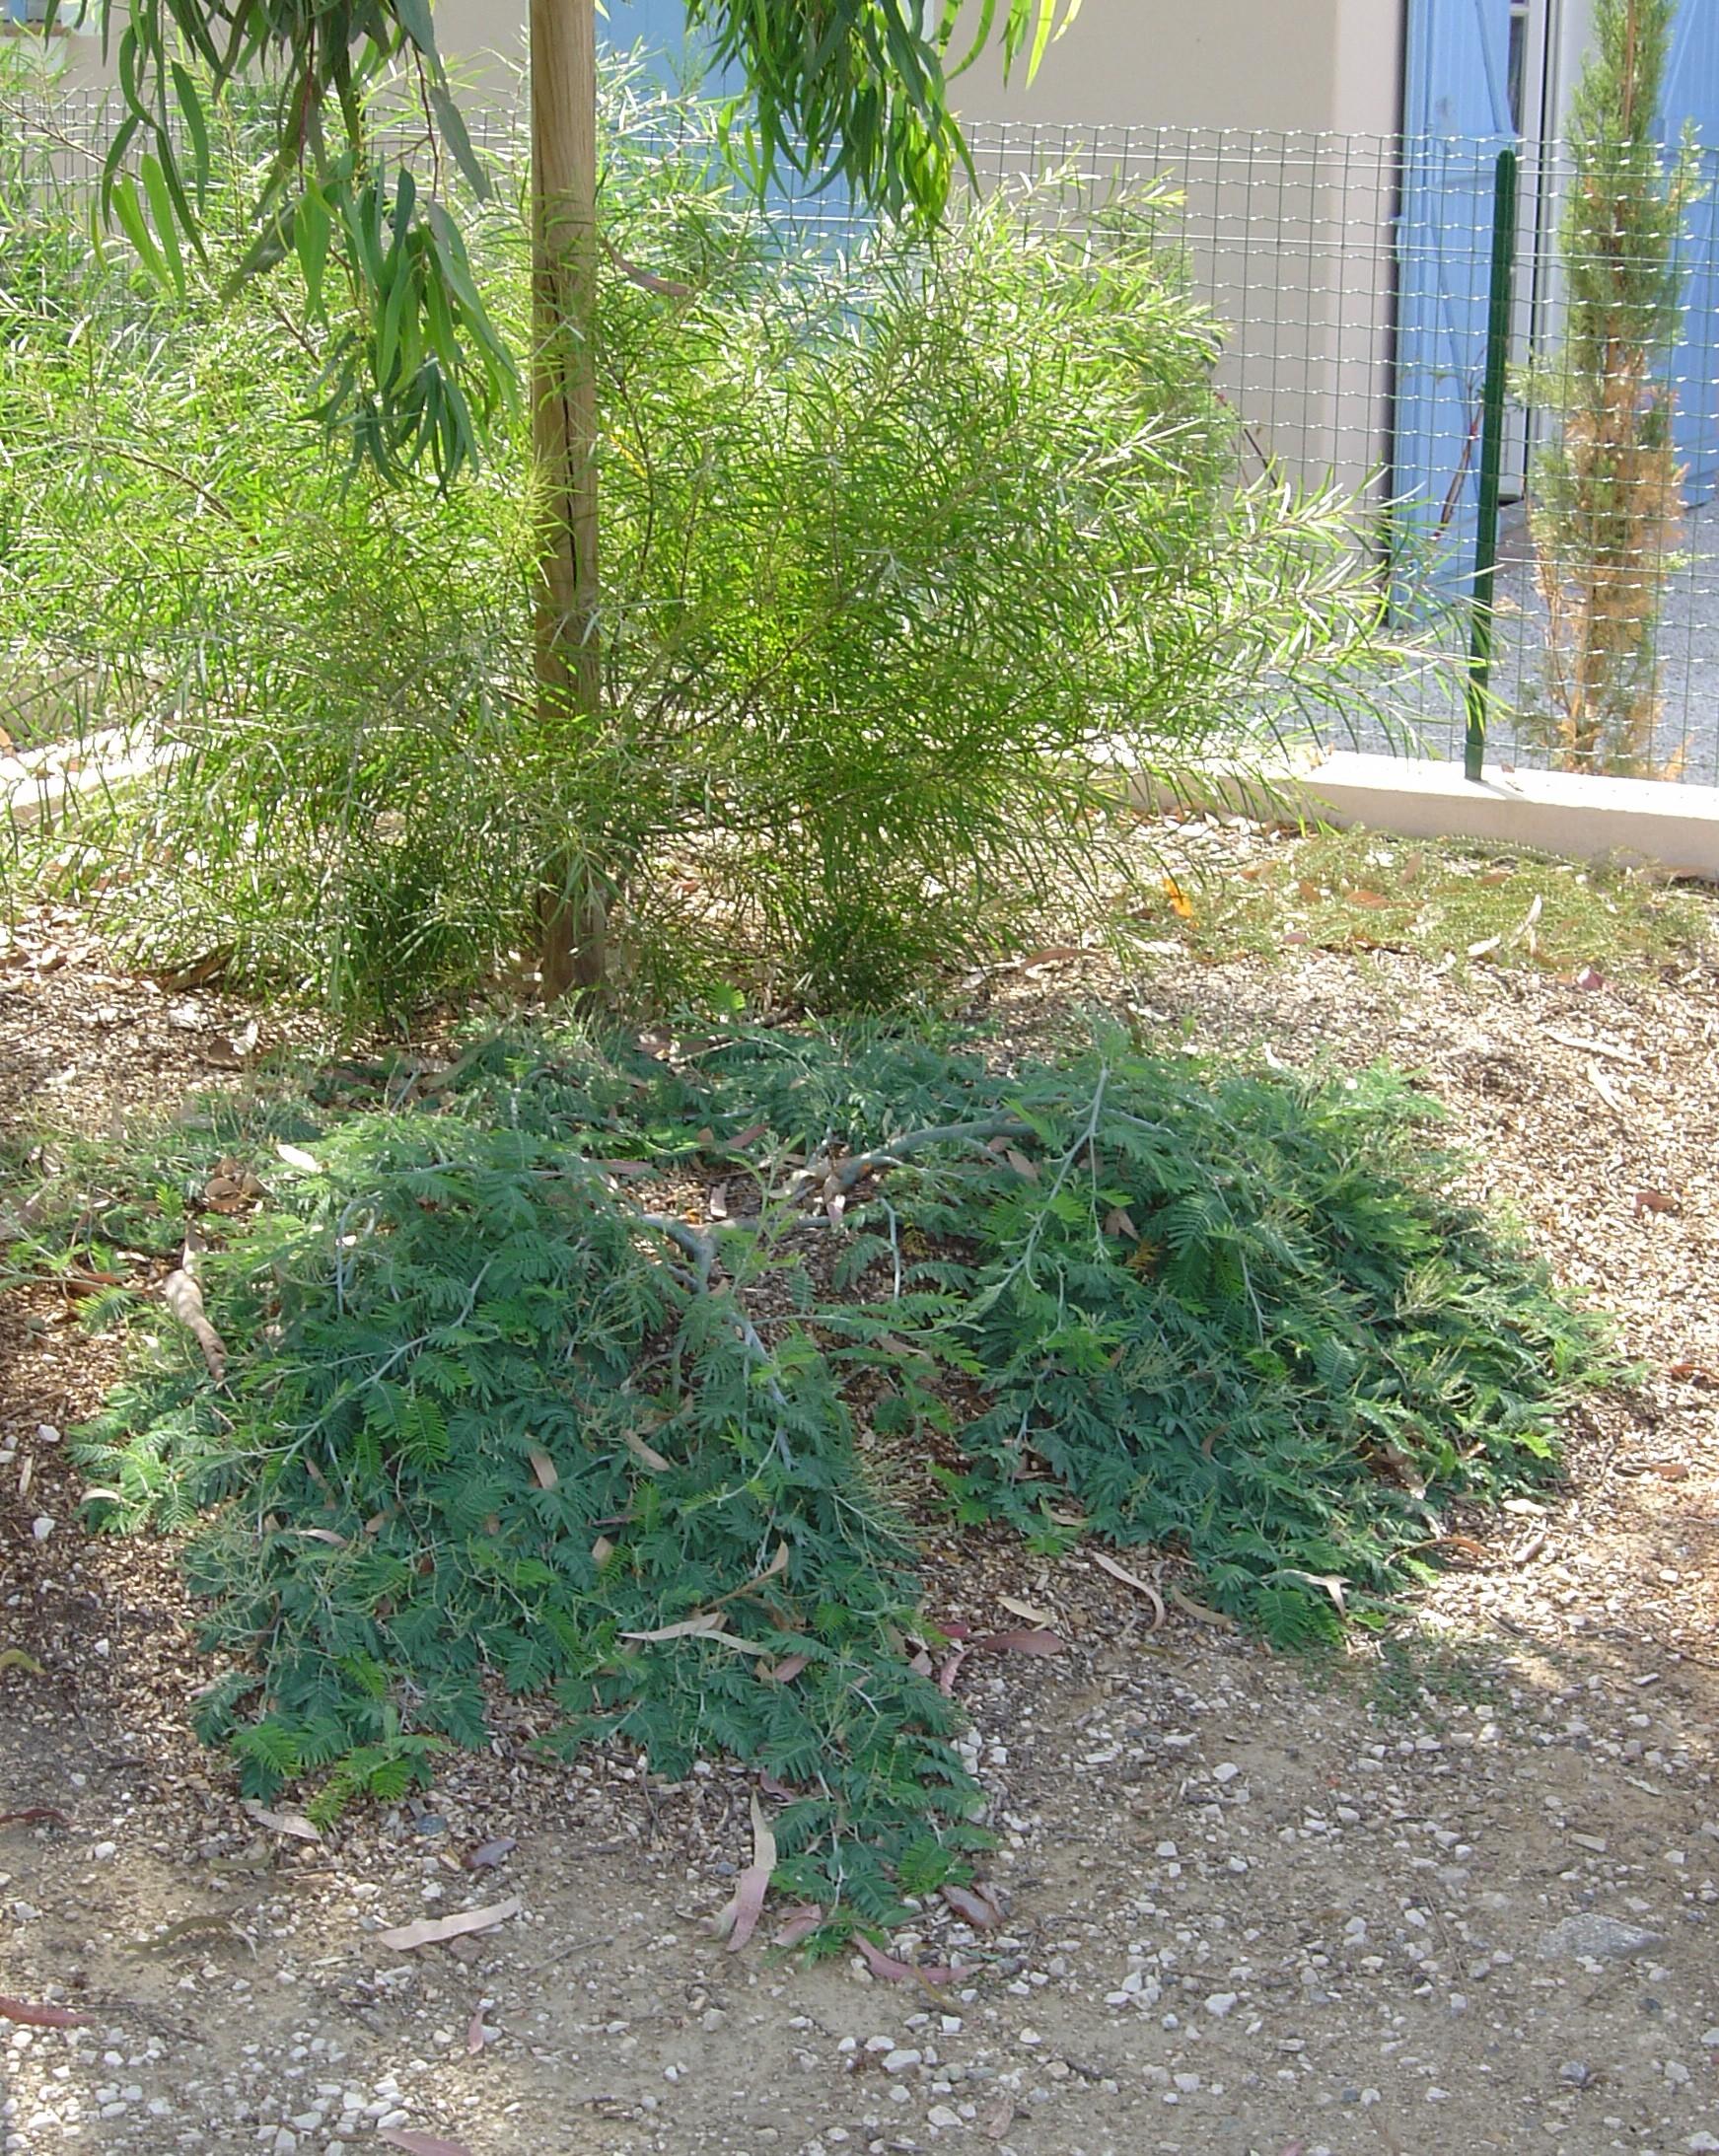 Couvre Sol Croissance Rapide acacia dealbata 'pendula' couvre sol